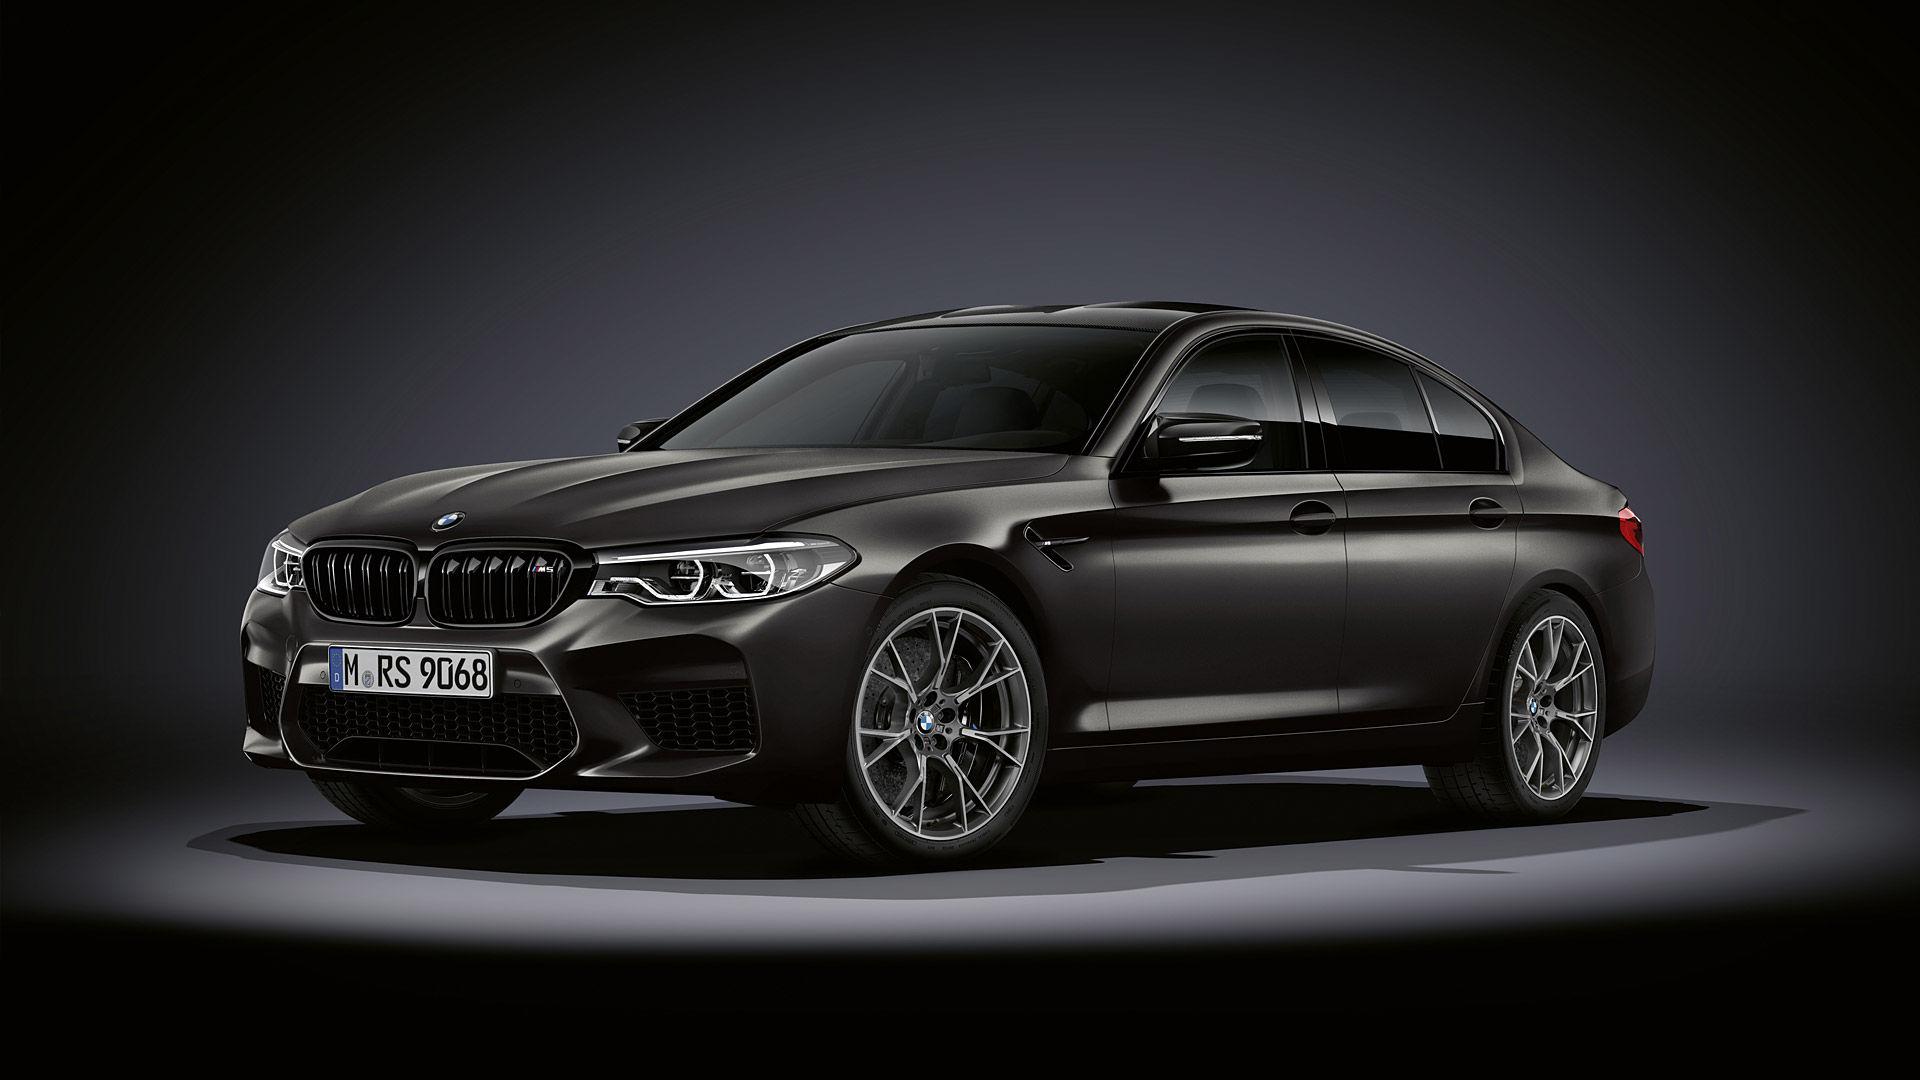 2019 BMW M5 Edition 35